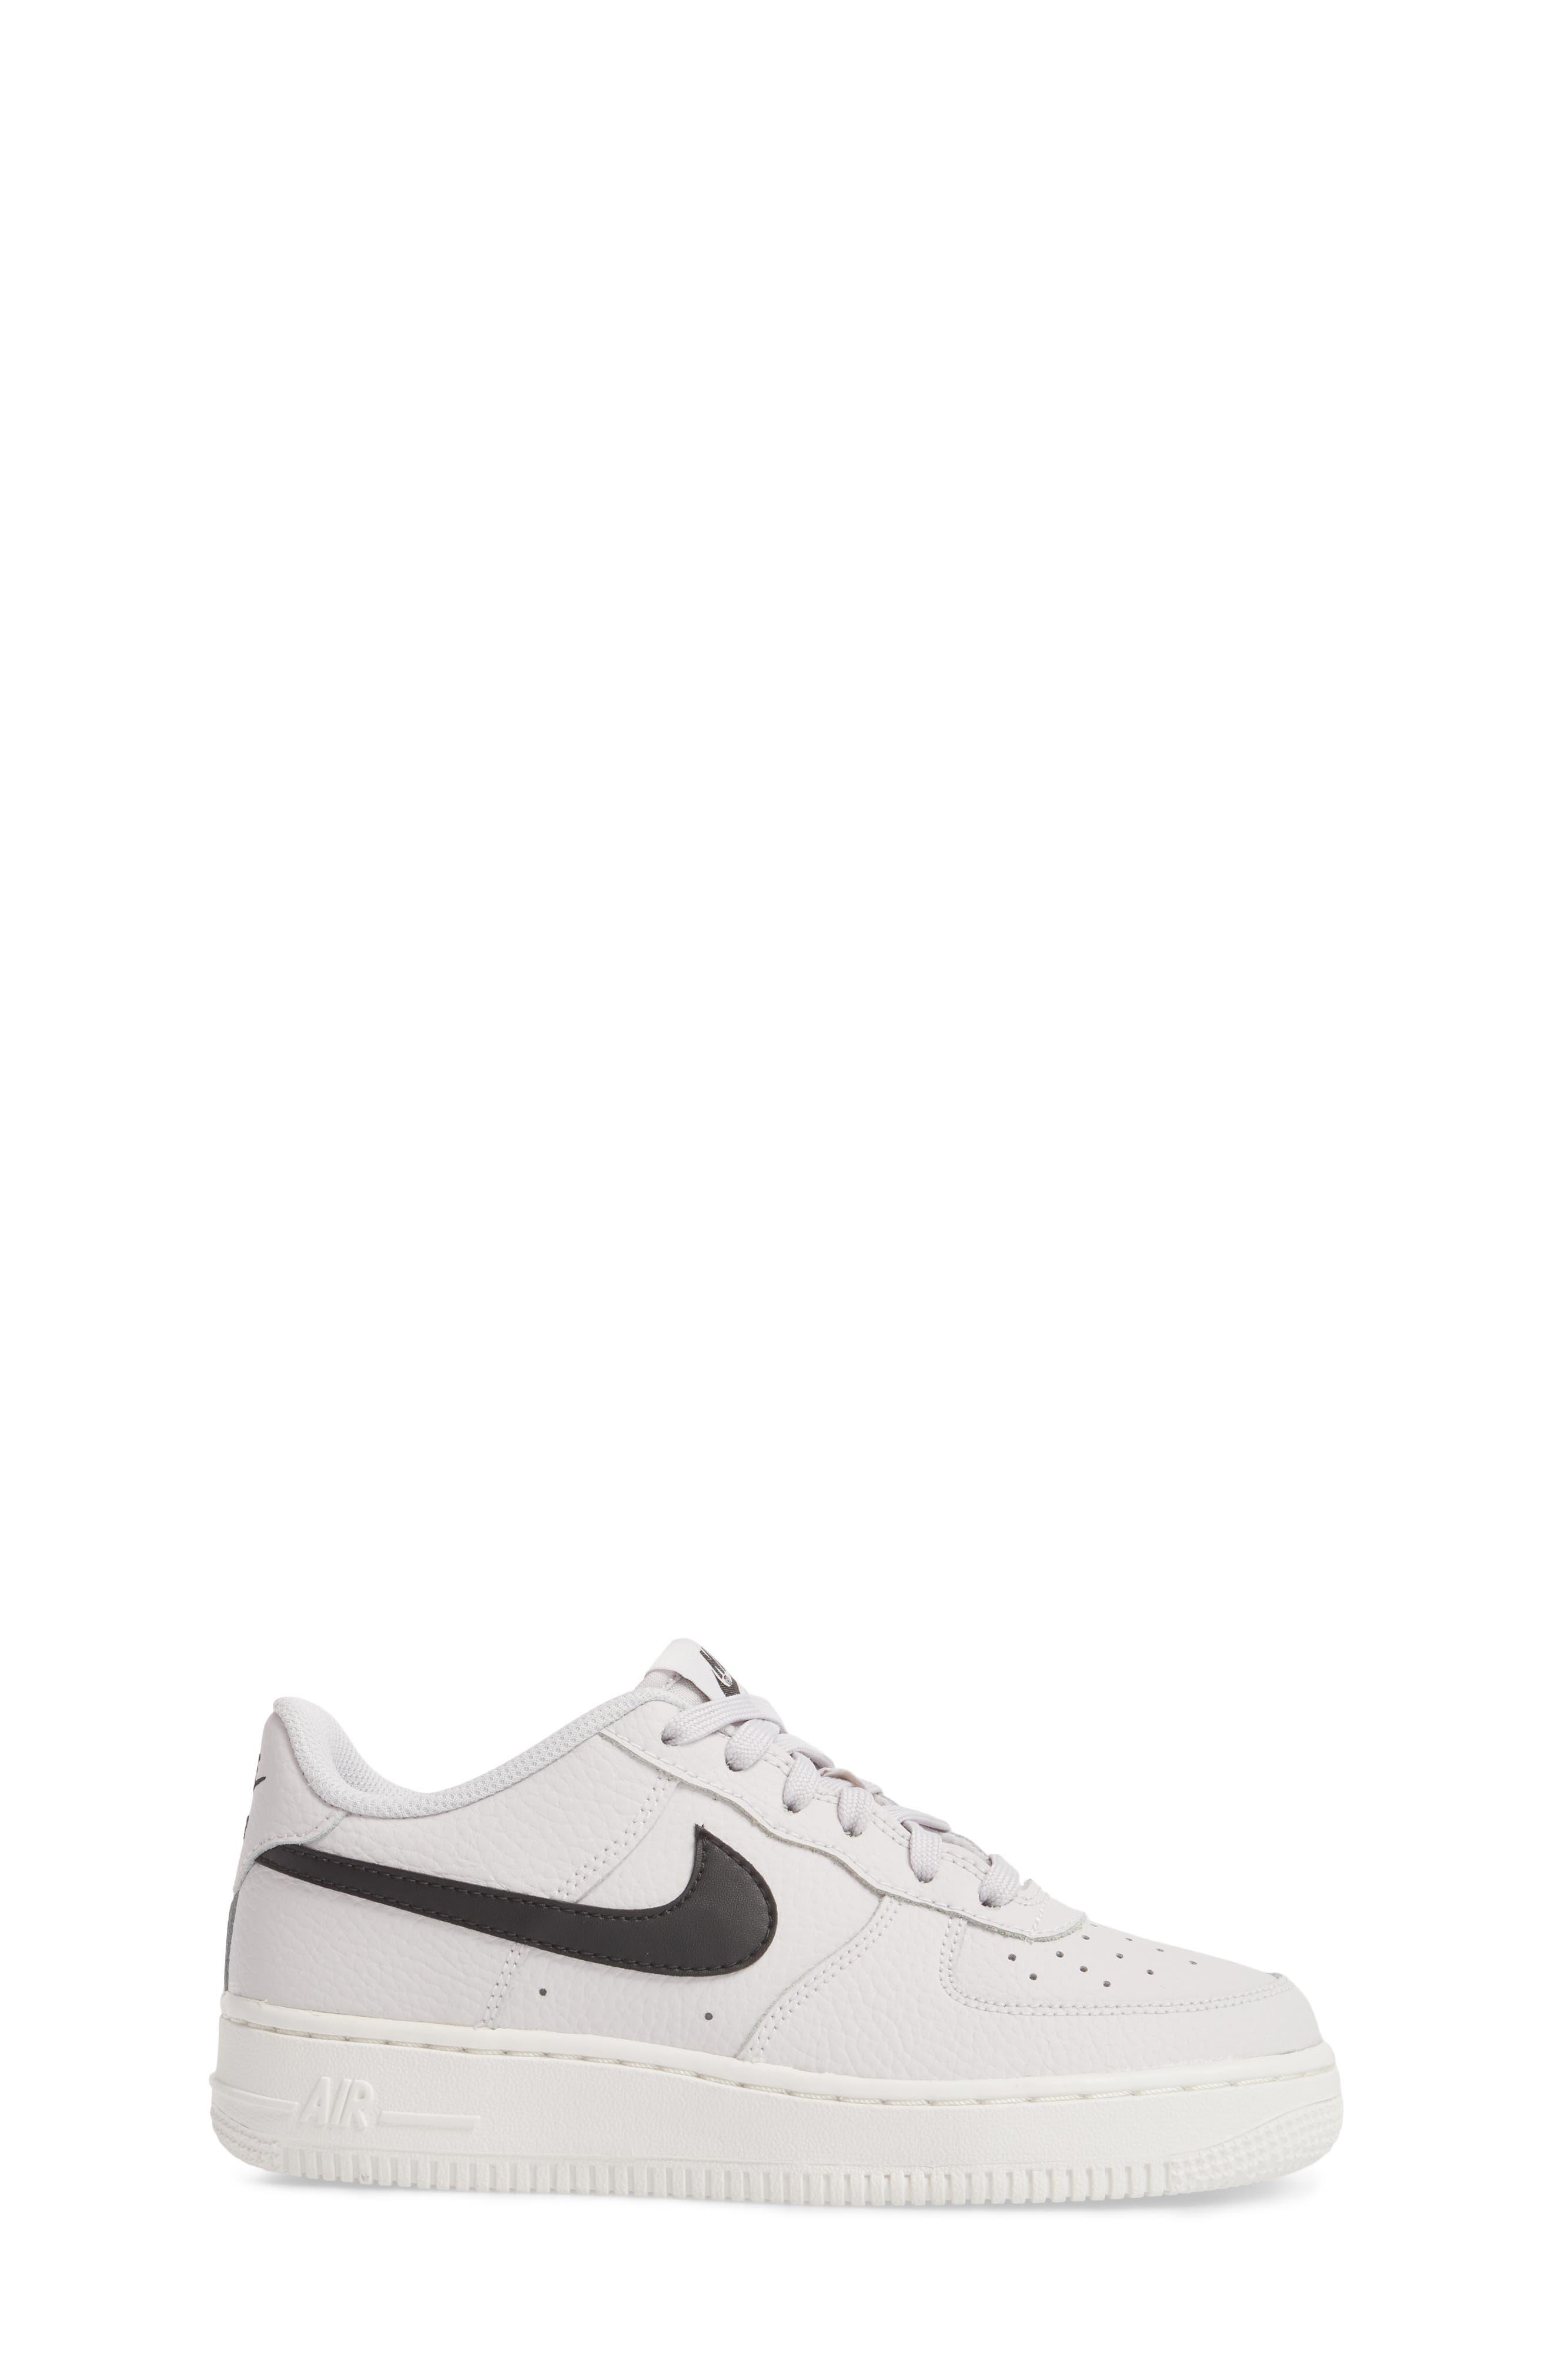 Alternate Image 3  - Nike Air Force 1 Sneaker (Big Kid)